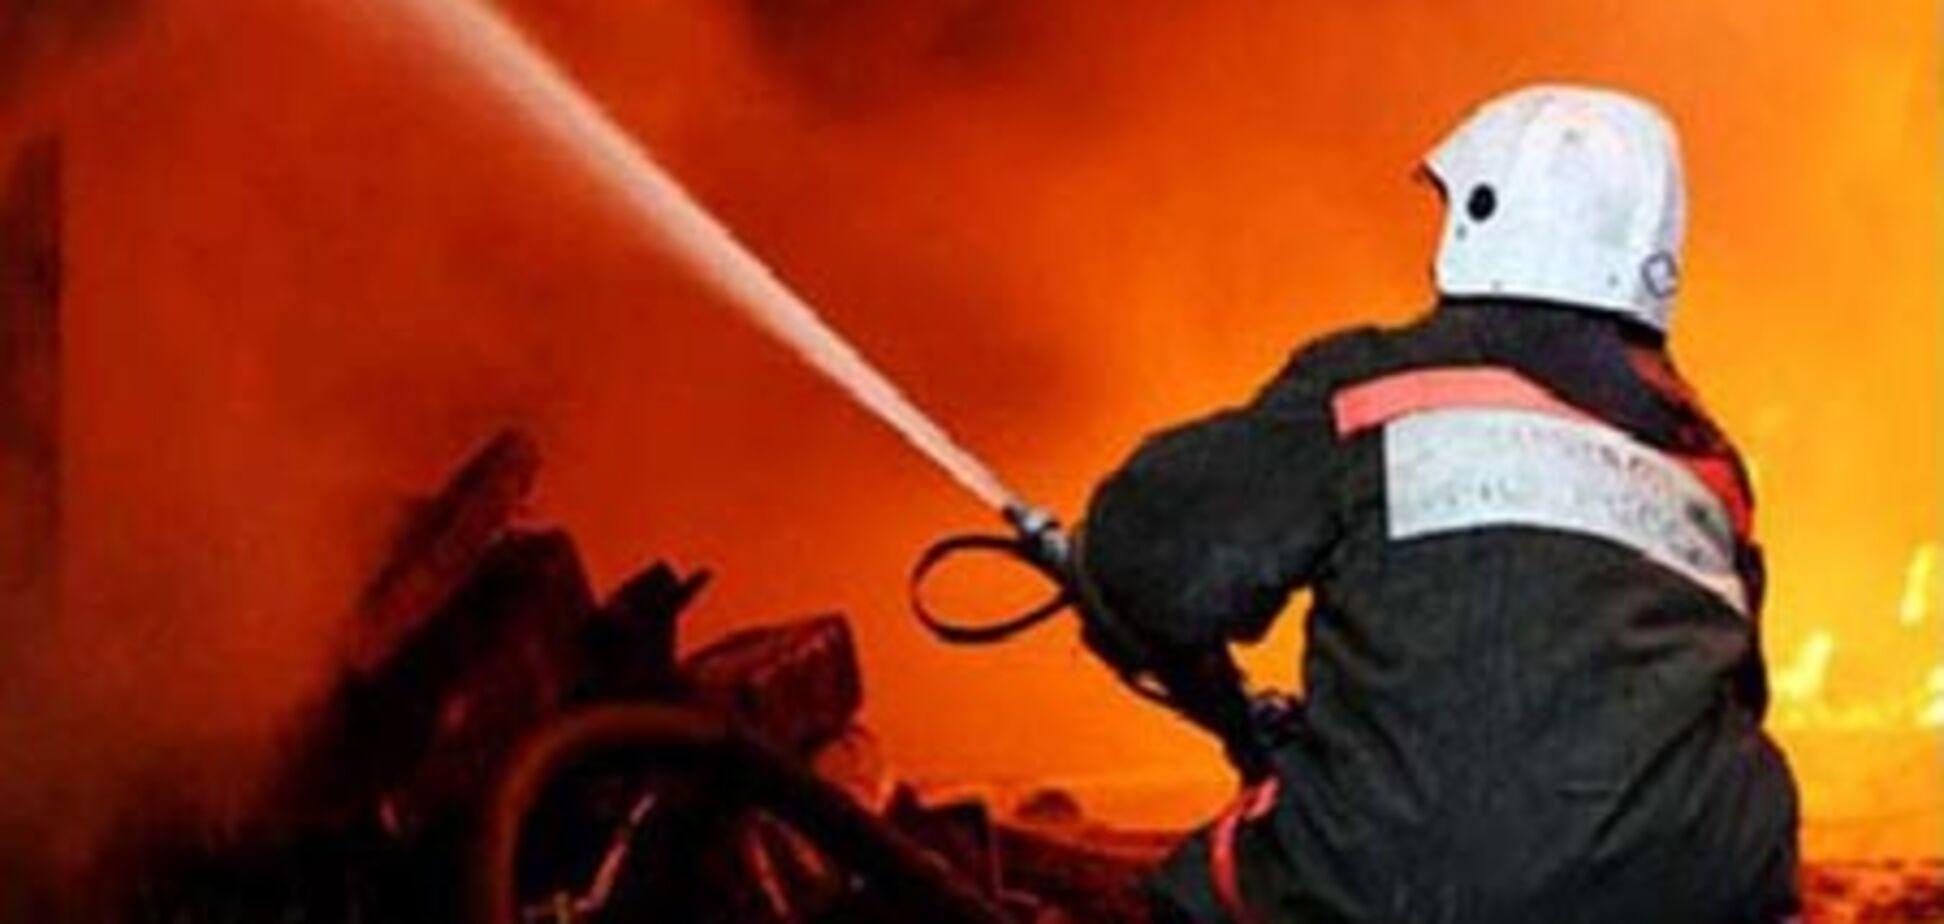 Пожар в военном общежитии Одессы: трое погибших